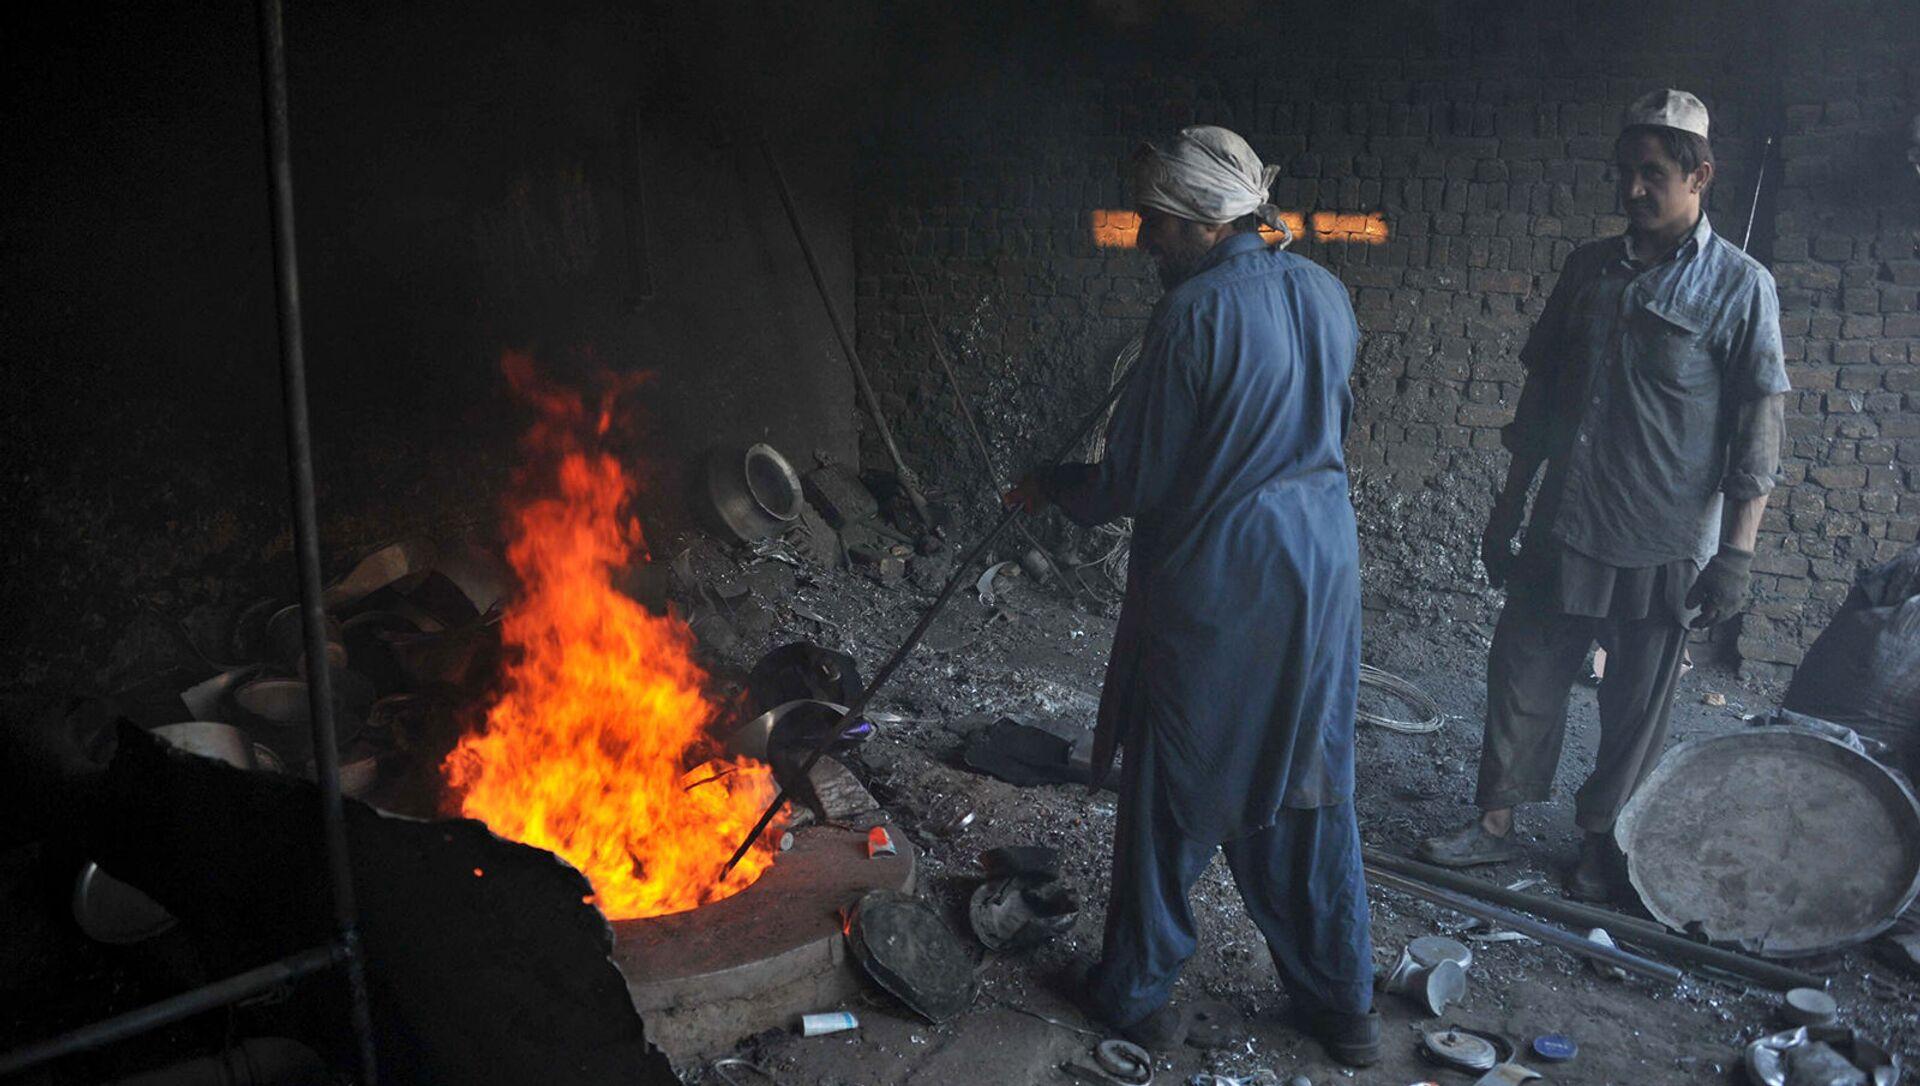 Афганские рабочие алюминиевого завода, который производит кастрюли на окраине Джелалабада, Афганистан - Sputnik Армения, 1920, 04.09.2021